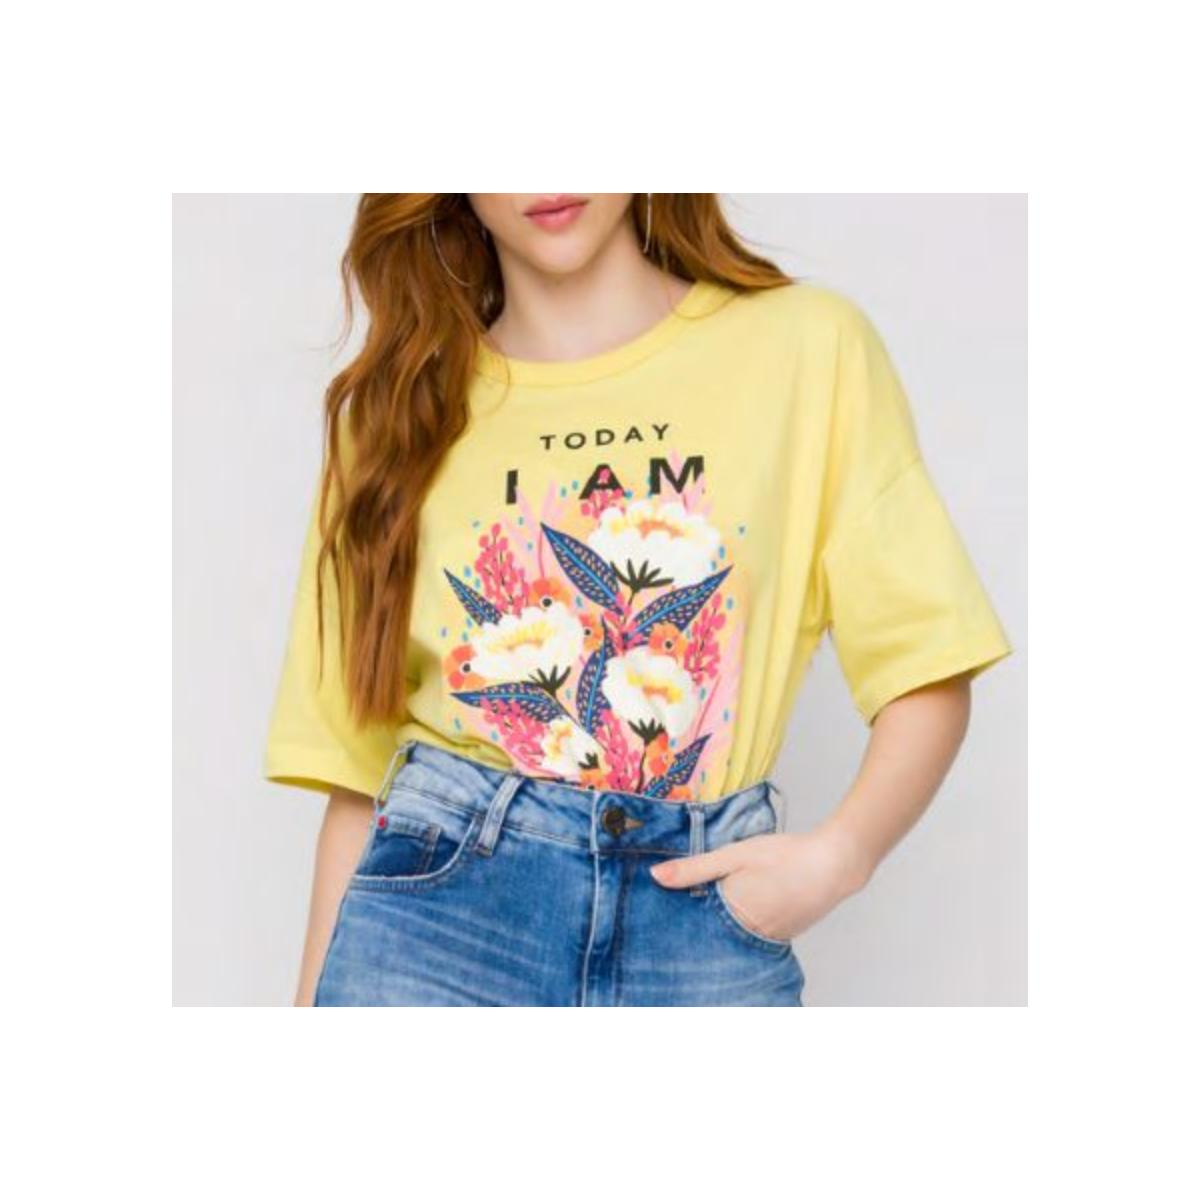 Camiseta Feminina Coca-cola Clothing 343203335 53686 Amarelo